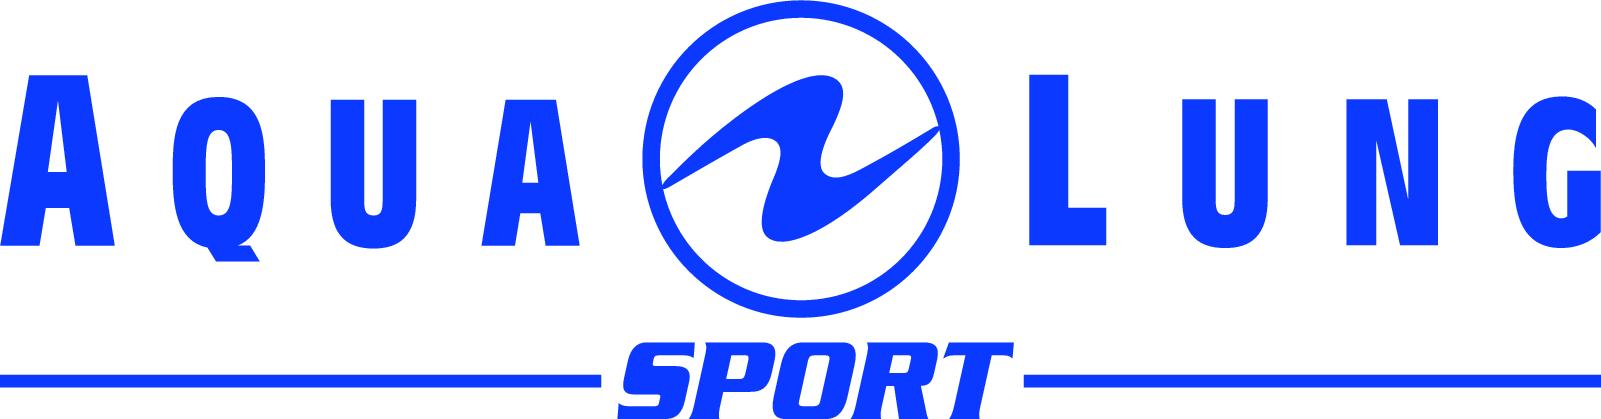 Aqualung Sport